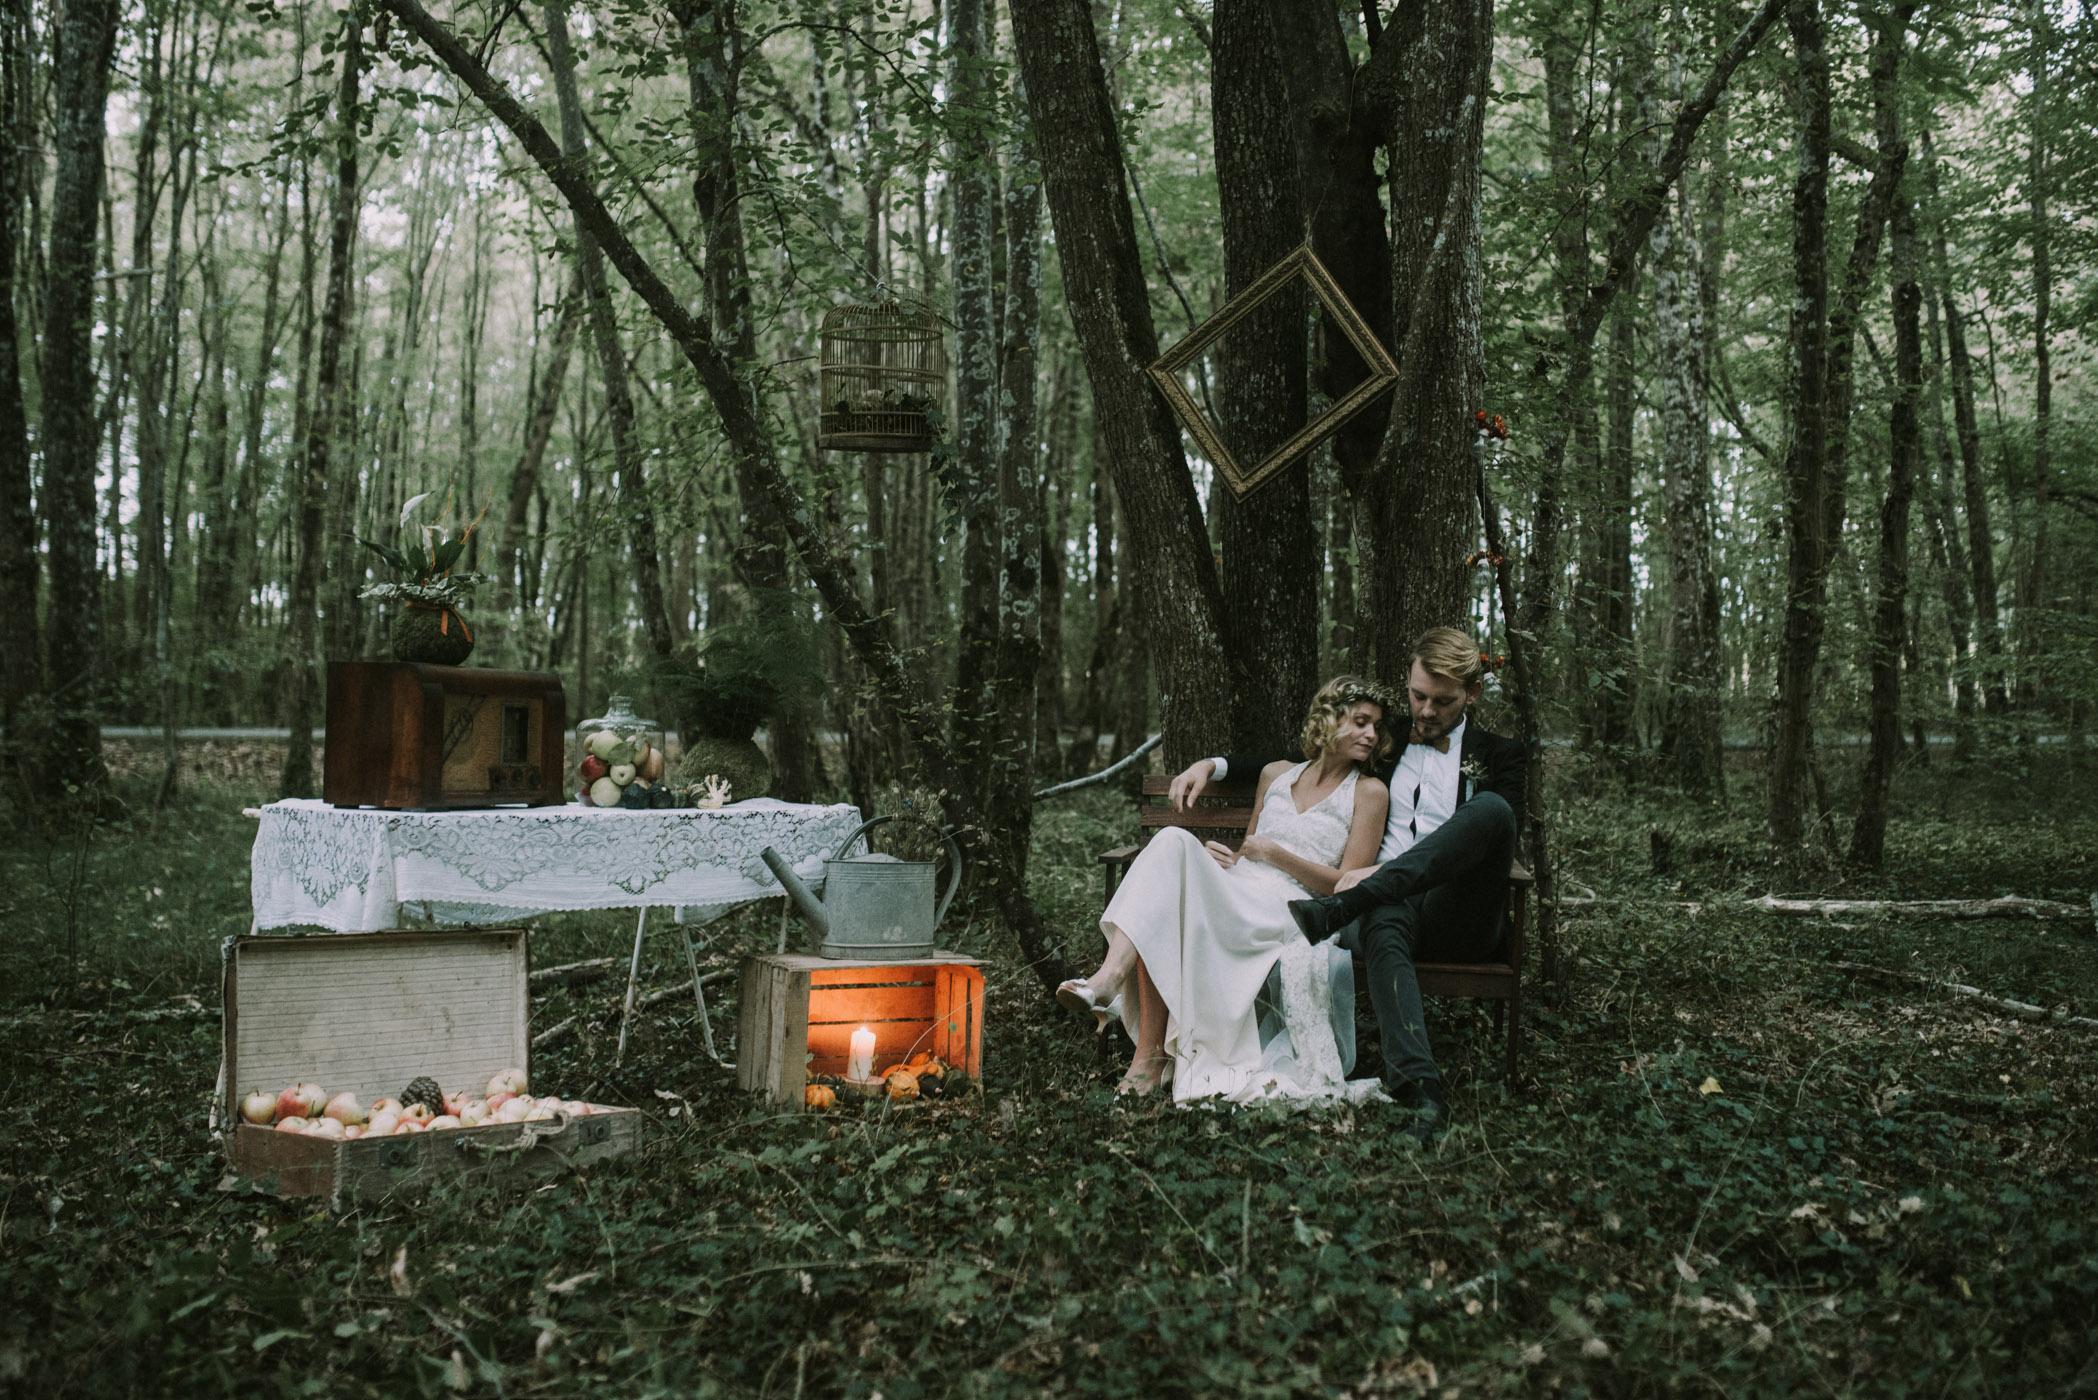 sun-drops-down-shooting-dinspiration-automnal-sous-les-bois-en-dordogne-blog-mariage-la-mariee-sous-les-etoiles-photo-mira-al-pajarito-30